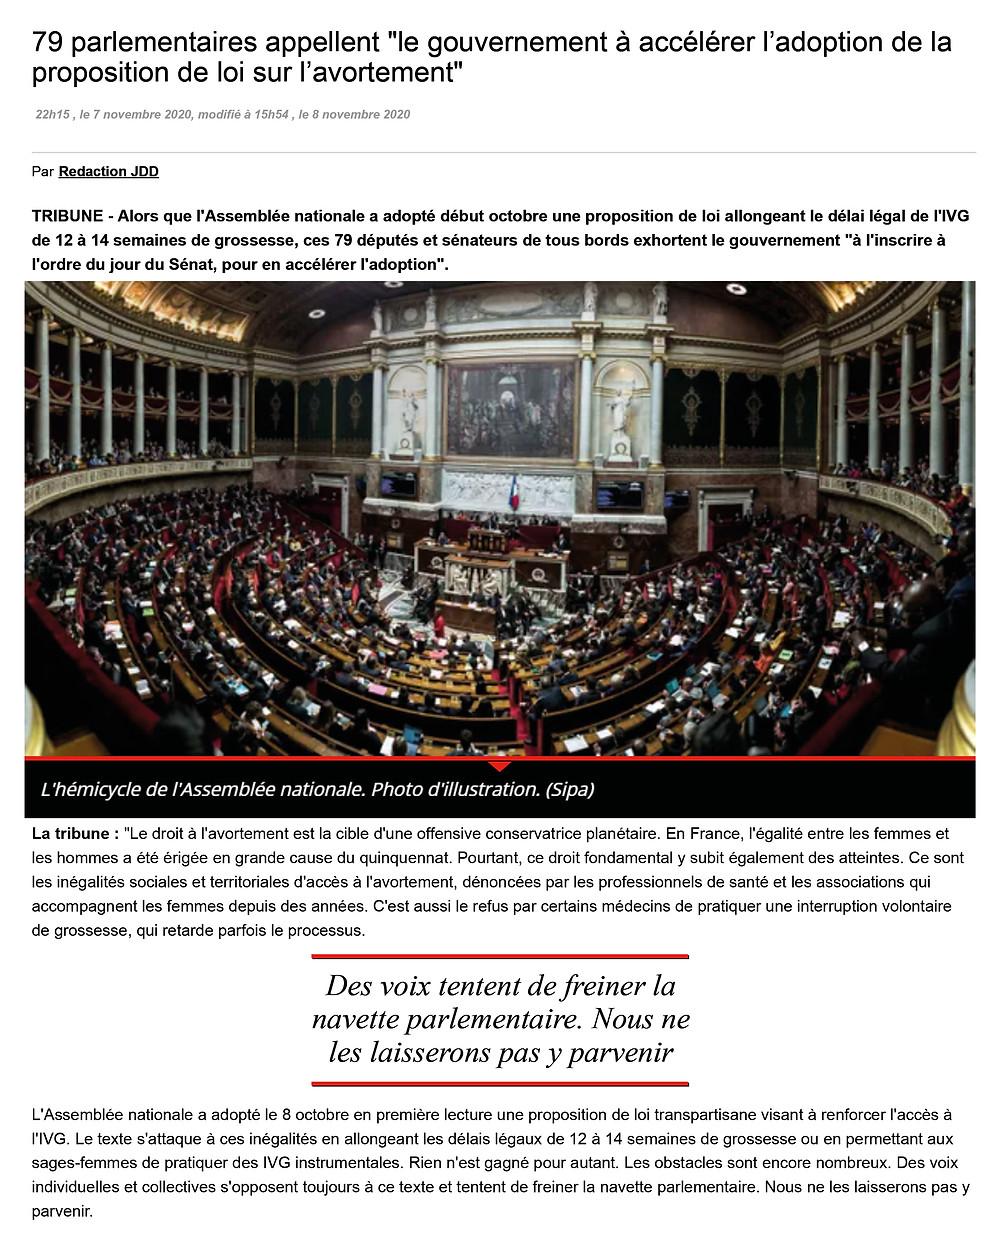 """79 parlementaires appellent """"le gouvernement à accélérer l'adoption de la proposition de loi sur l'avortement"""""""